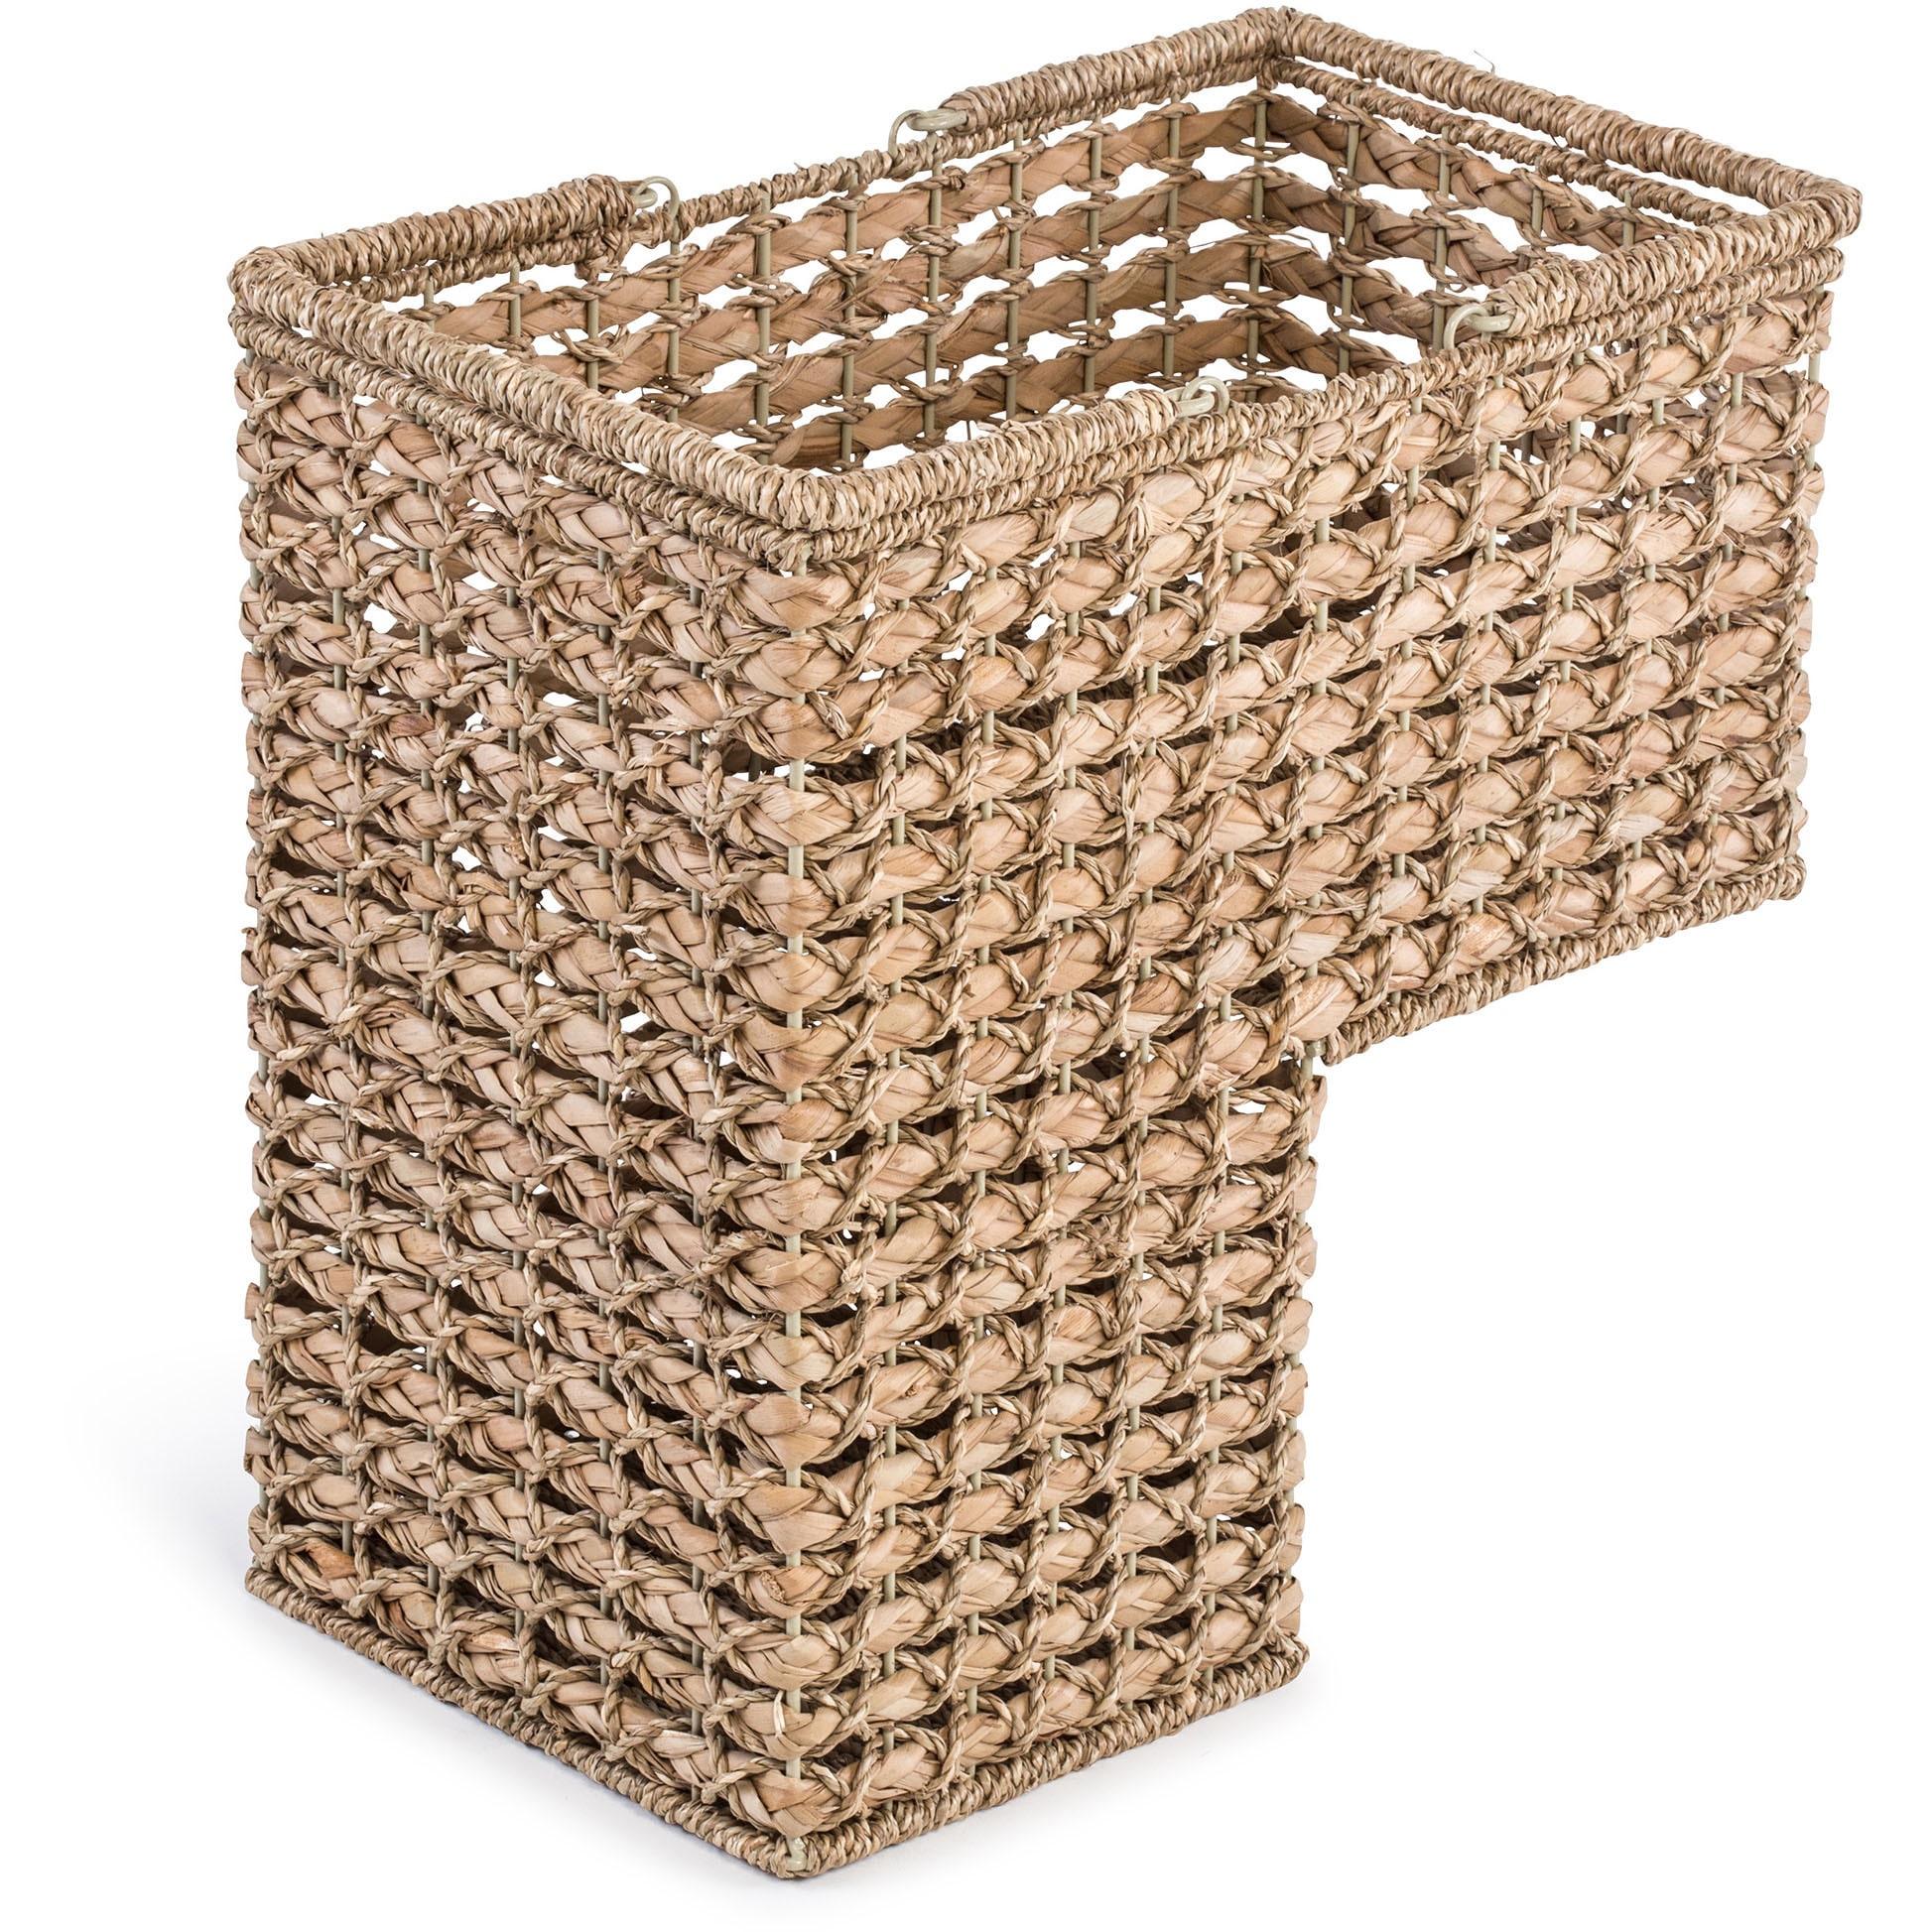 Superieur Stair Baskets